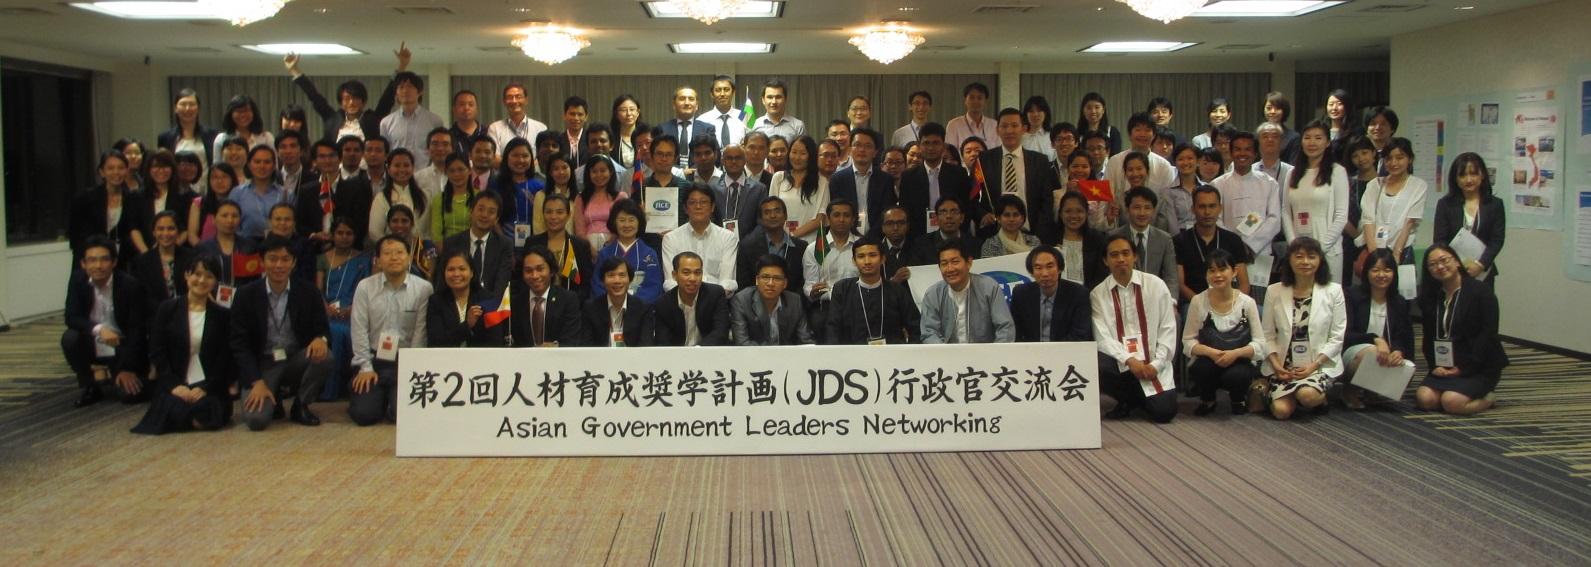 JDS20160711_5.JPG